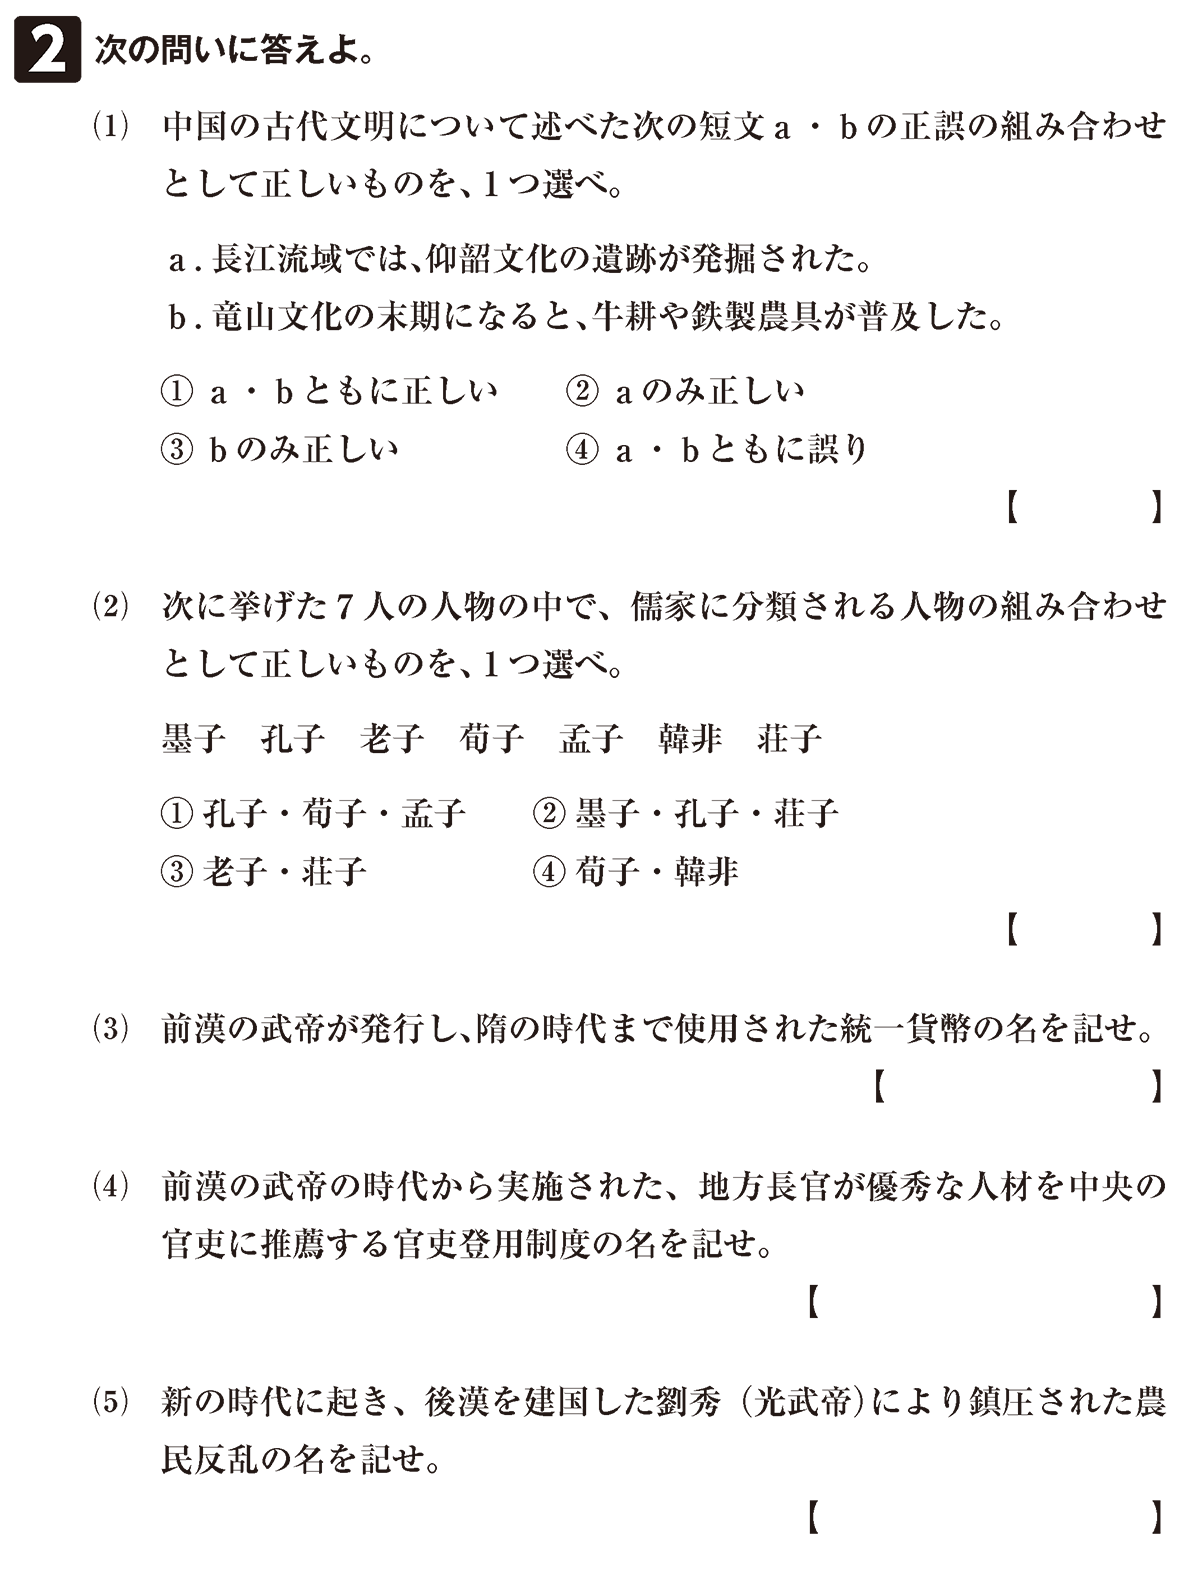 高校世界史 中国の古典文明7 確認テスト(後半)2答えなし